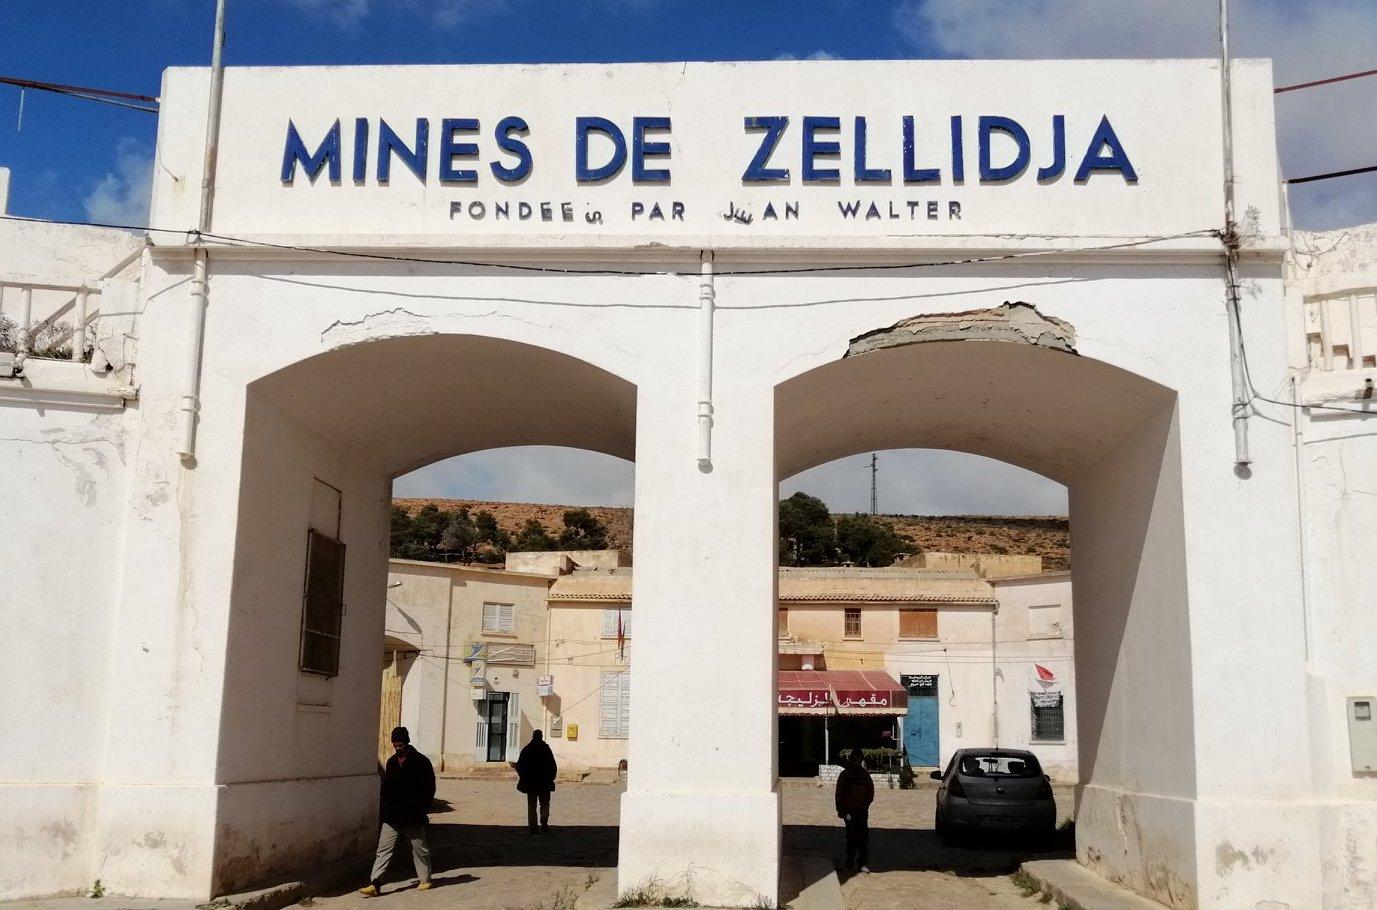 Les mines de Zellidja